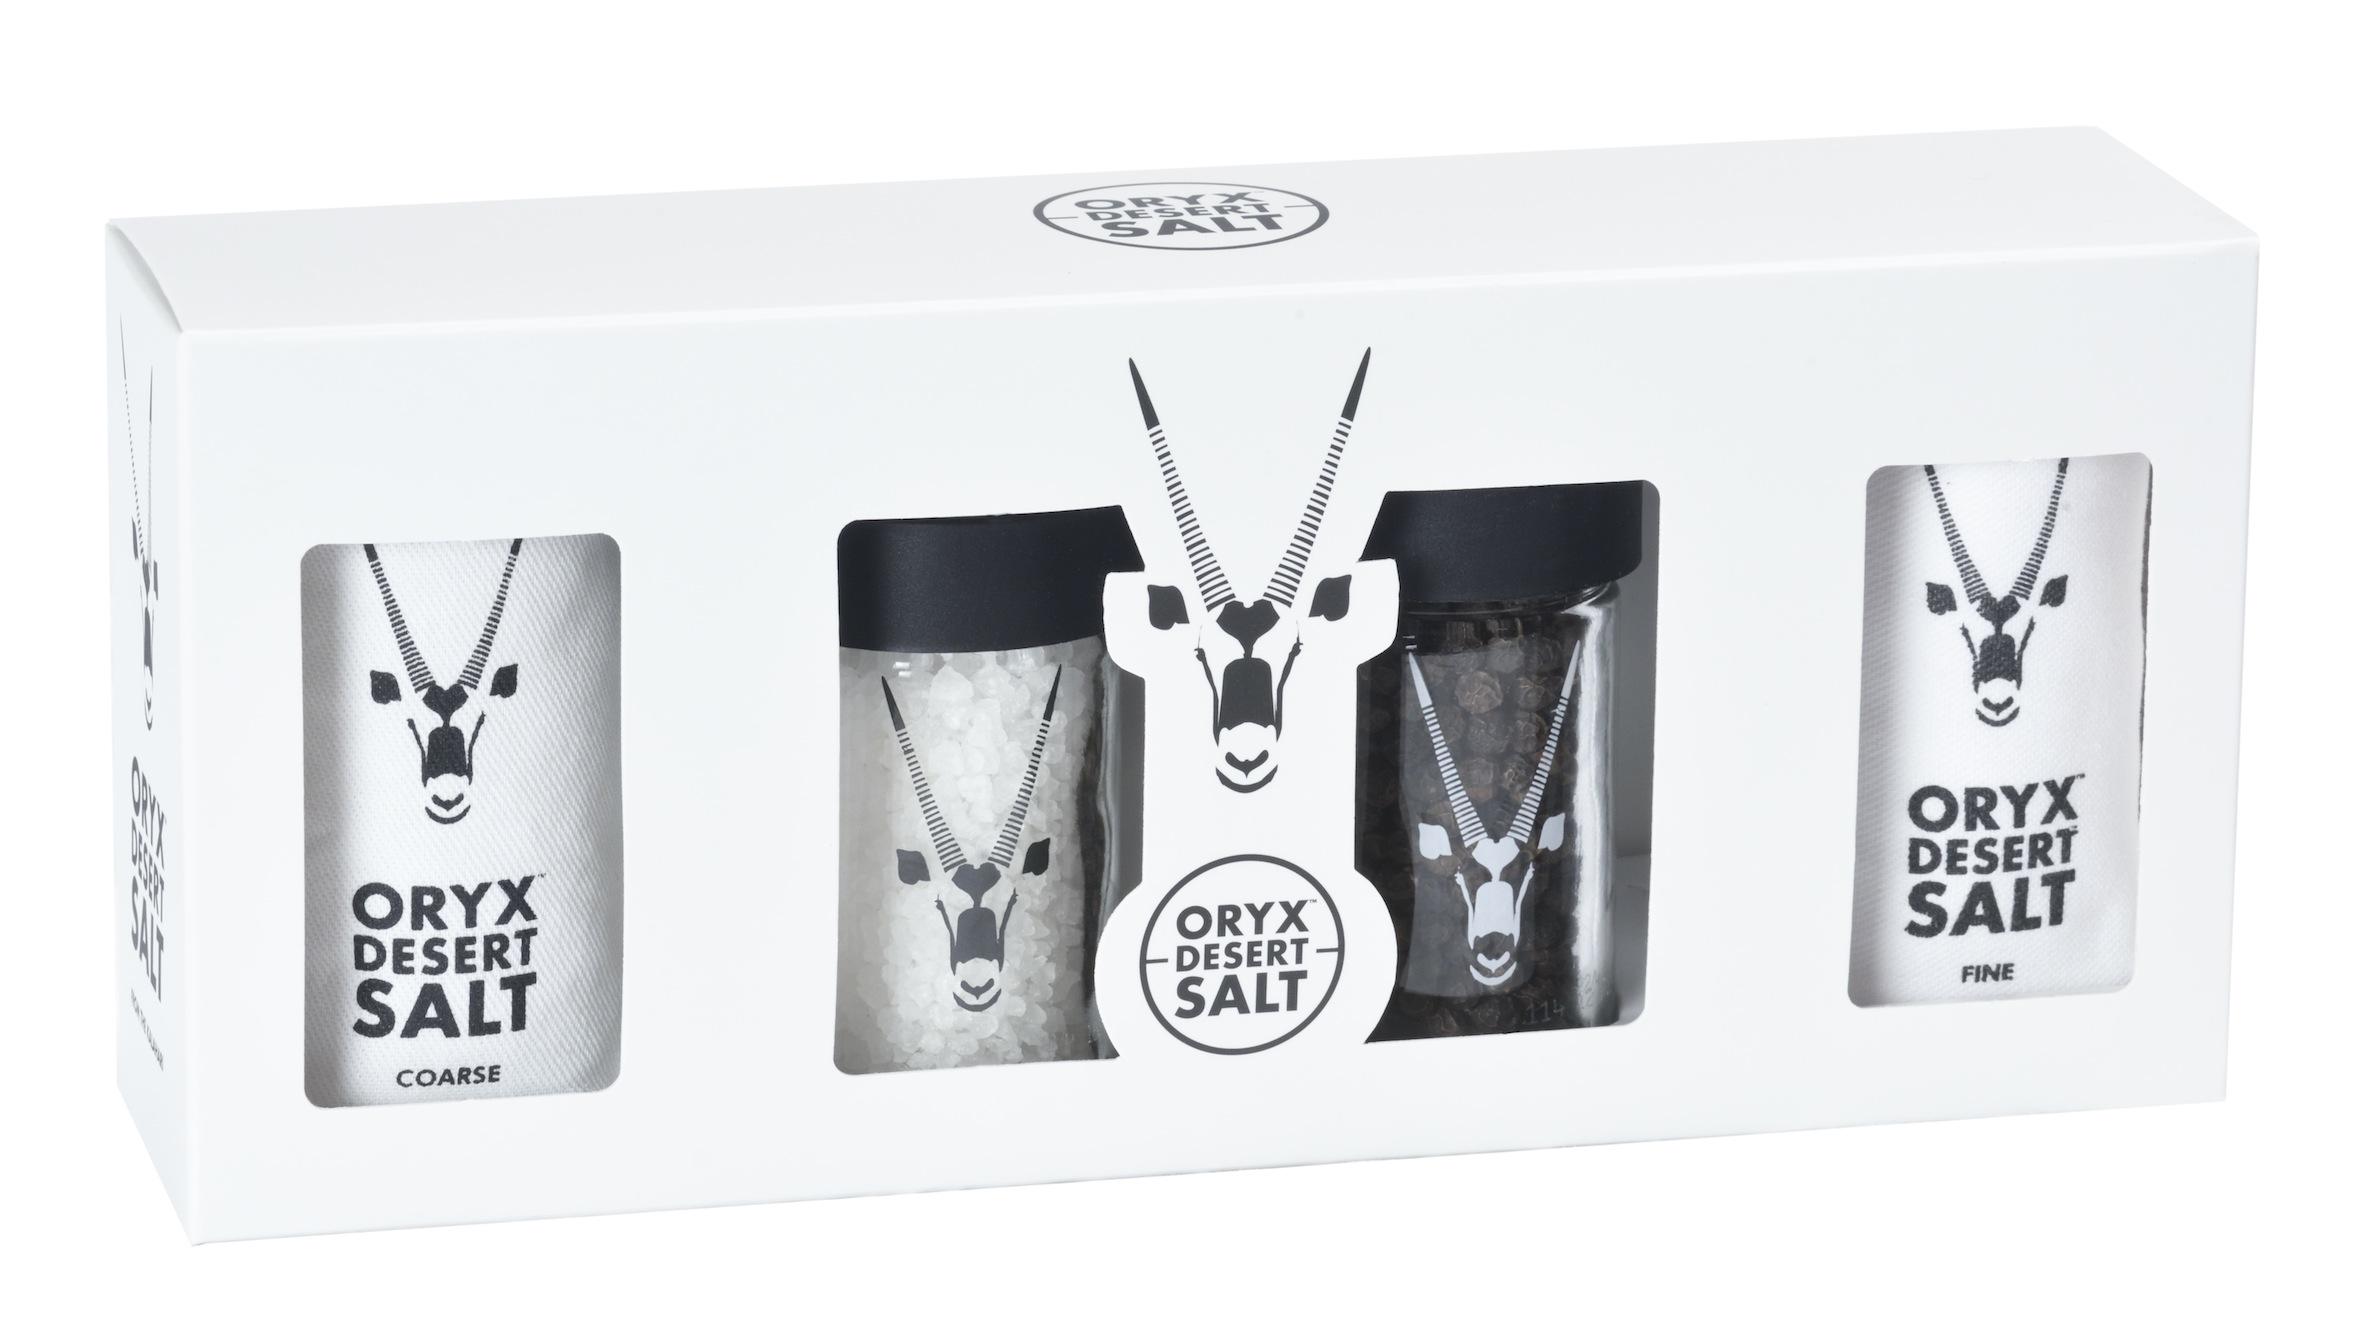 Oryx Desert Salt Gift Packs for Christmas | Michael Olivier